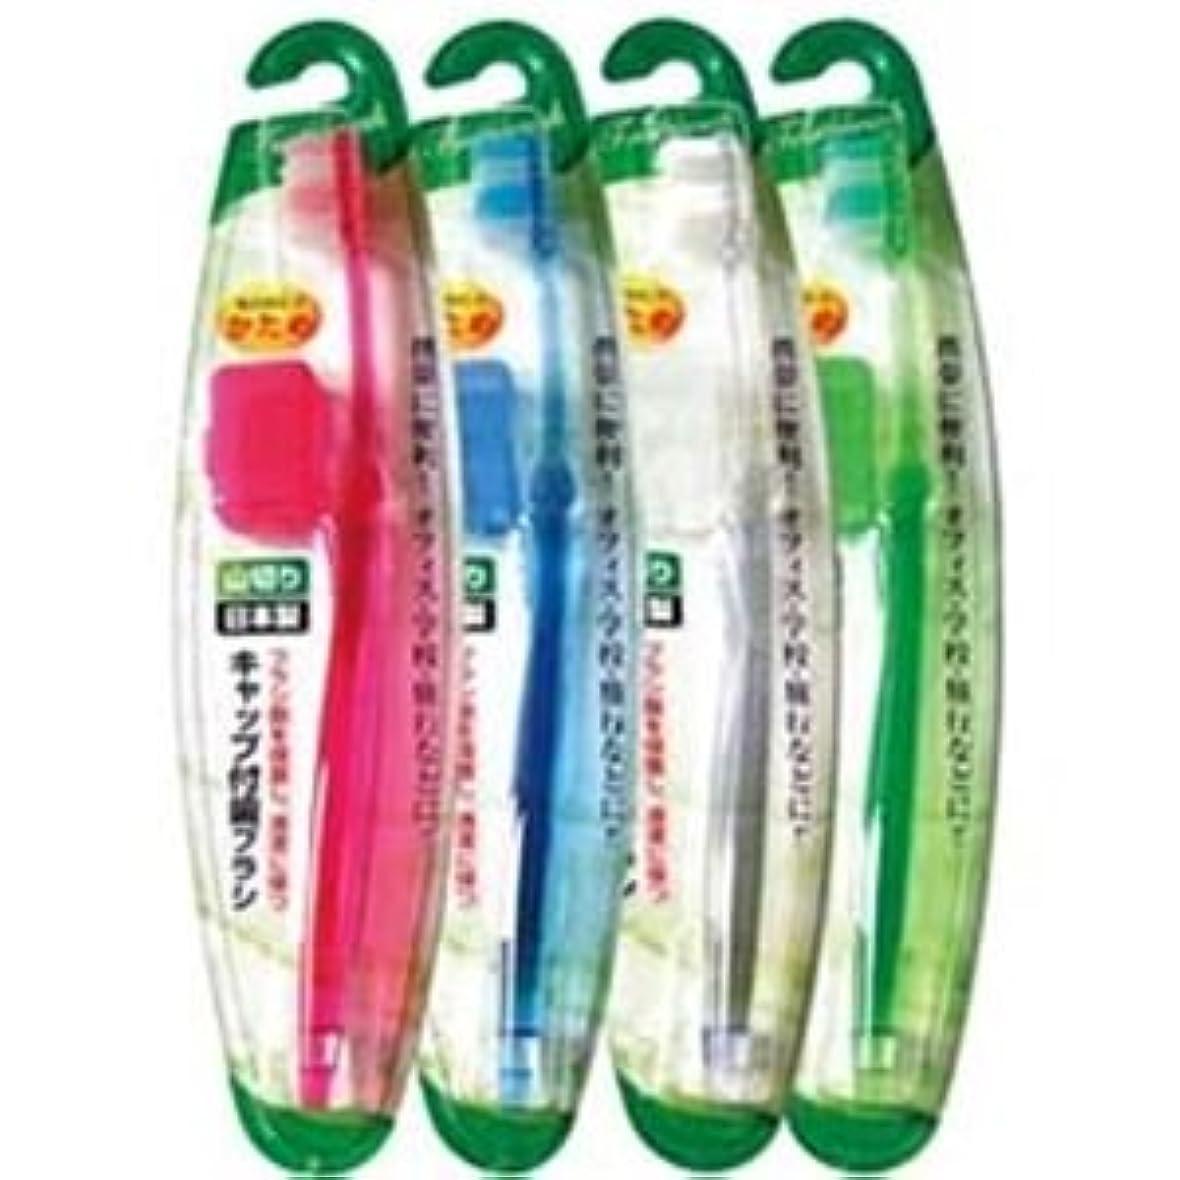 ぼかすプット嵐のキャップ付歯ブラシ山切りカット(かため)日本製 【12個セット】 41-210